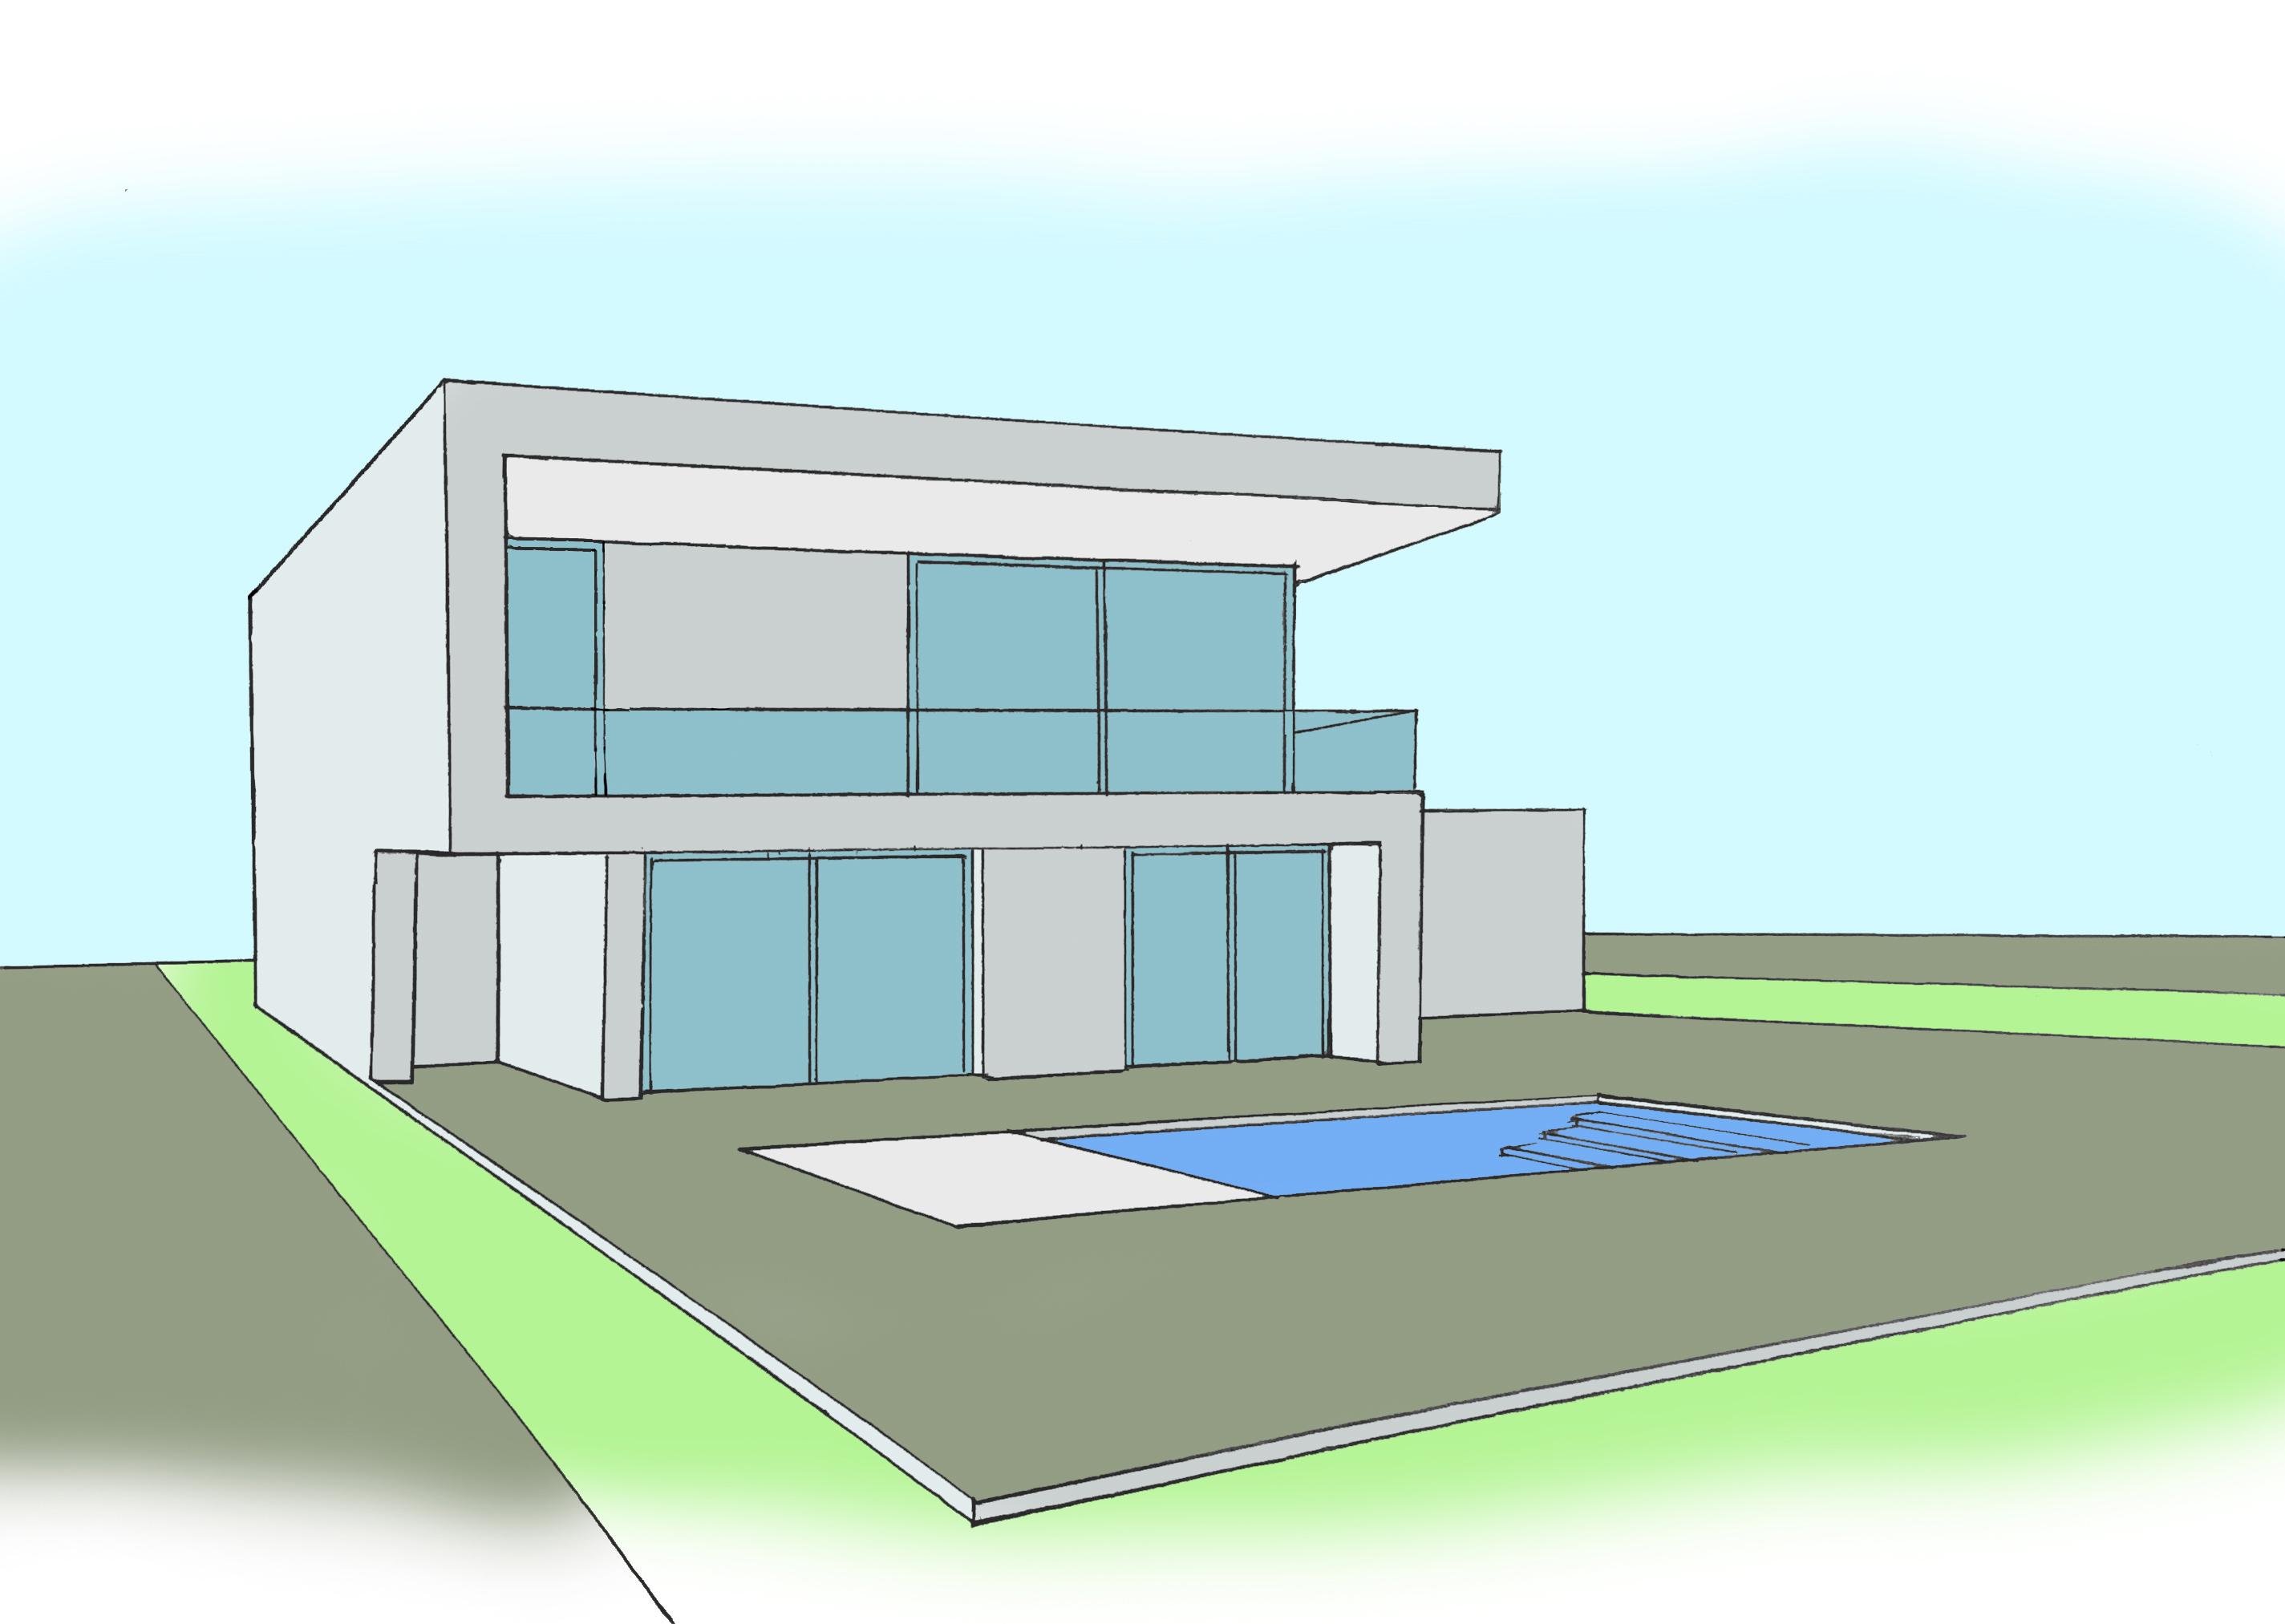 Casa falc b tera valencia efihabitat arquitectura viviendas nuevas ampliaci n y - Casas en betera ...